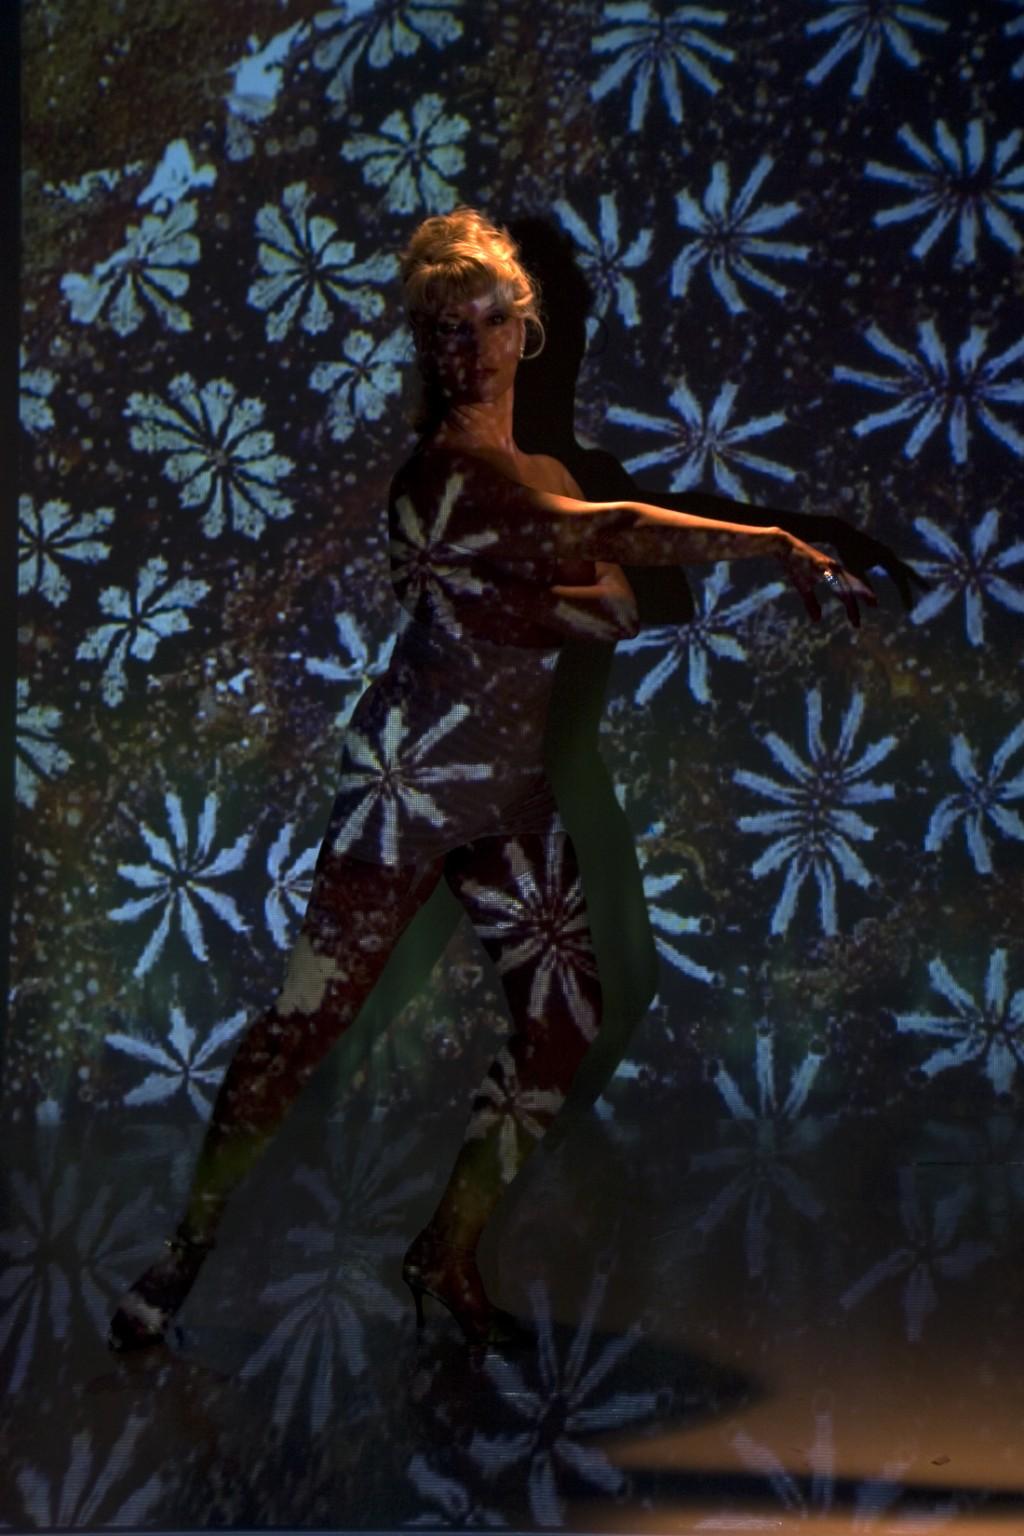 KENZO DANCE